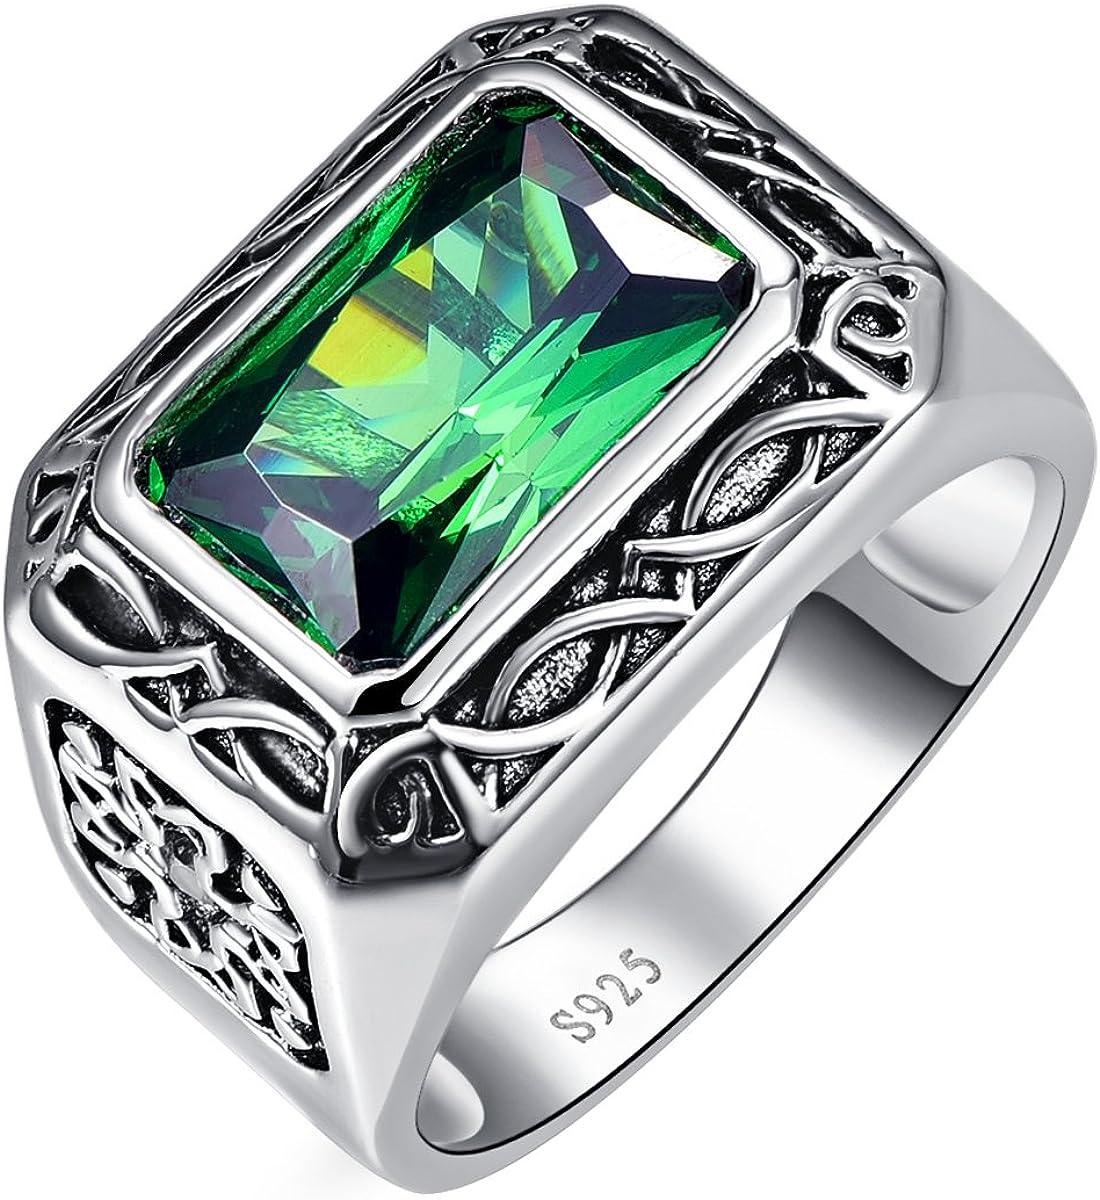 bonlavie hombre 6.85 ct 8 * 12 mm corte esmeralda verde esmeralda anillo de plata de ley 925